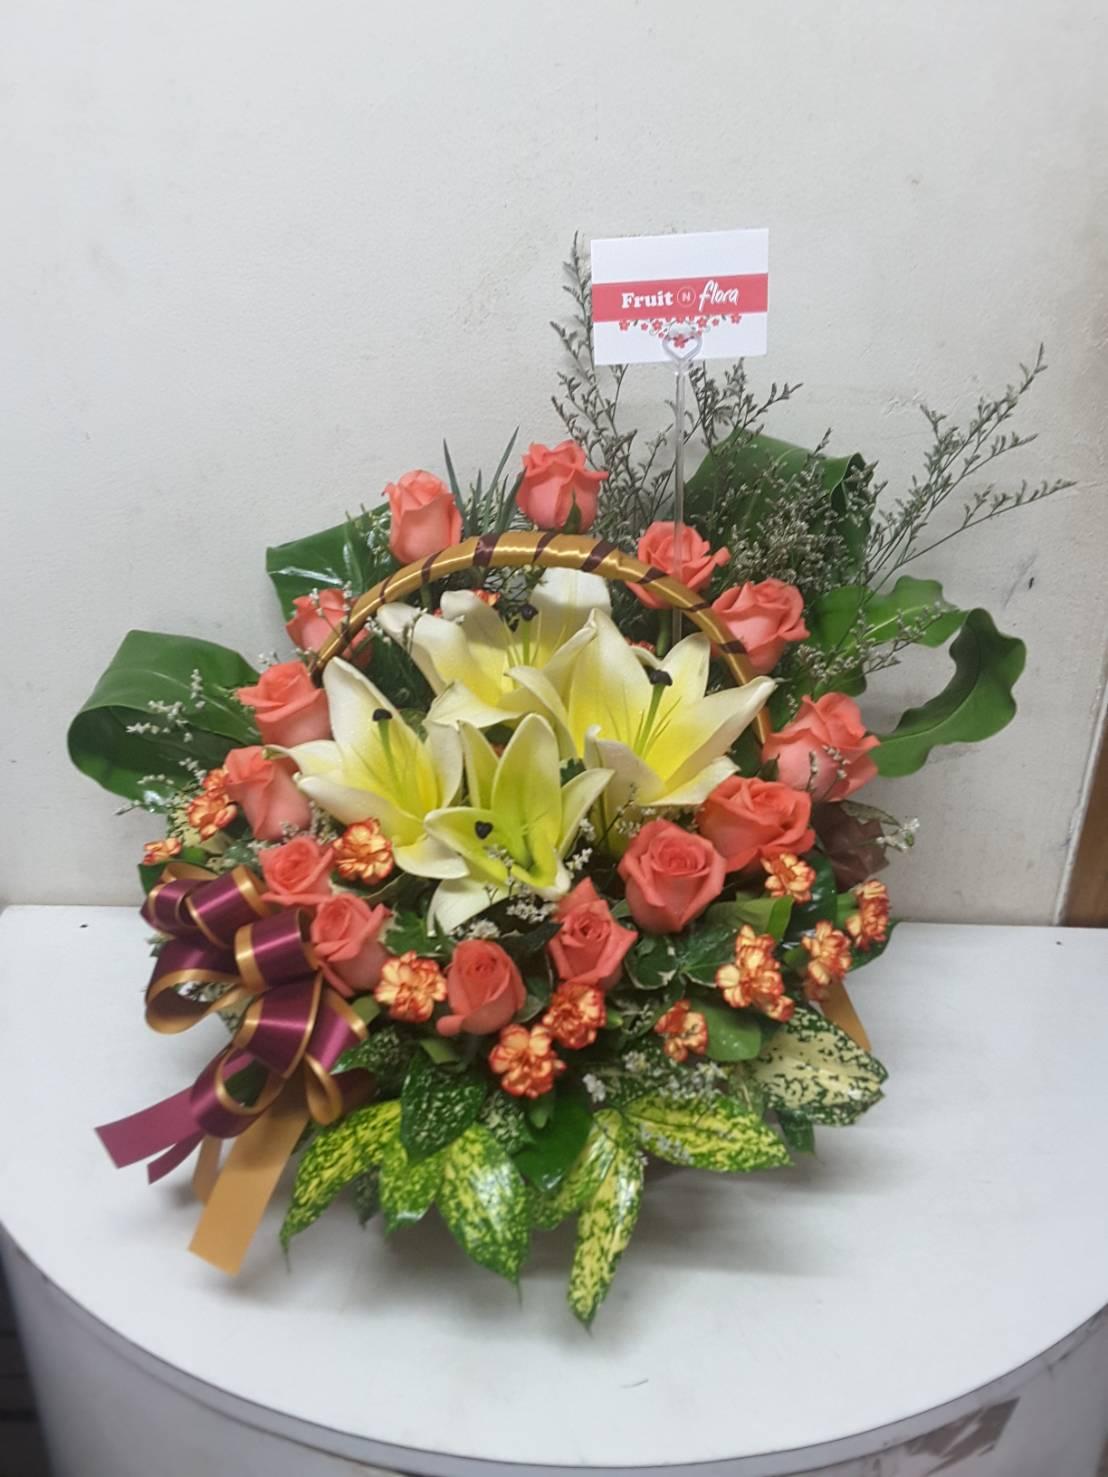 กระเช้าดอกไม้สวยๆ สดใสๆ ตกแต่งด้วยดอกกุหลาบ ลิลลี่ และคาร์เนชั่น โดดเด่นสะดุดตา